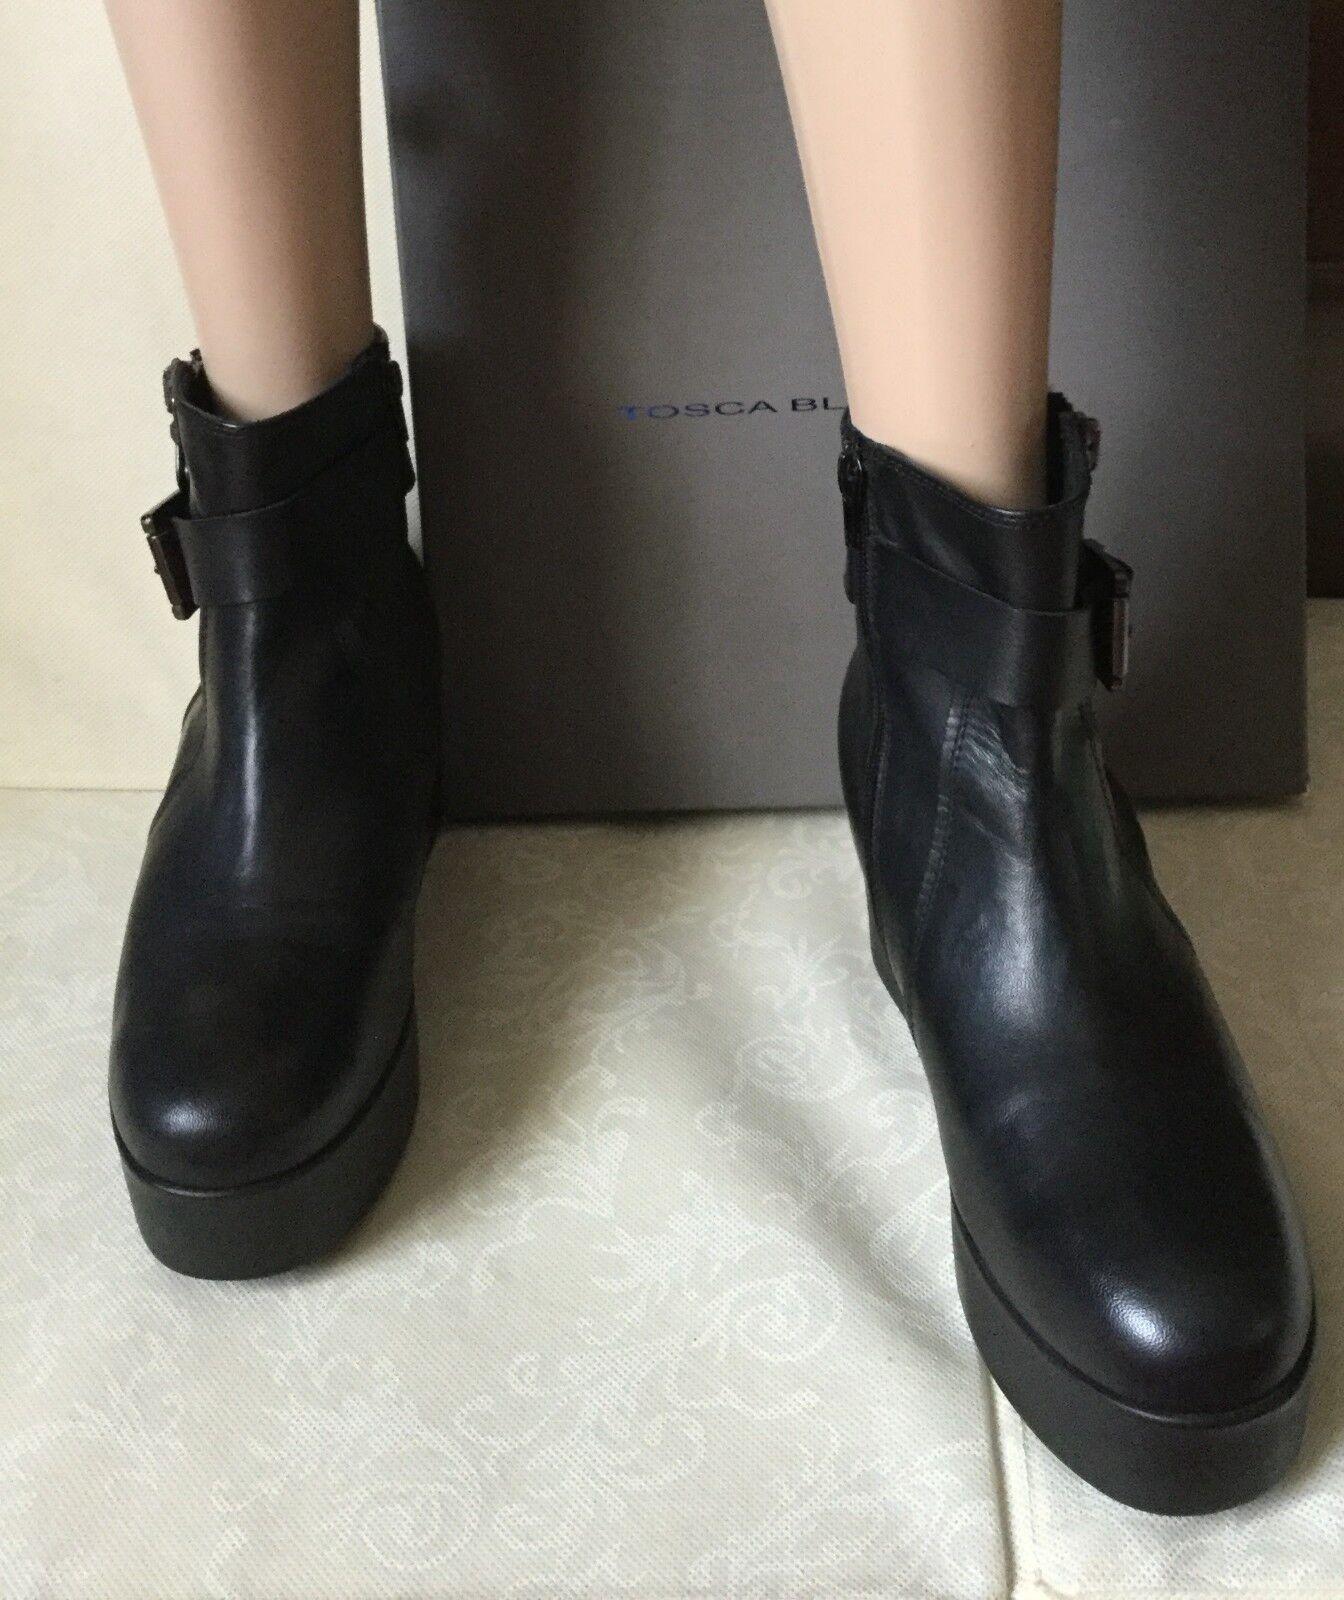 Trendy botas botas botas TOSCA azul mujer, negro Color, Talla  40, wedge  Stivaletti alla moda  en promociones de estadios